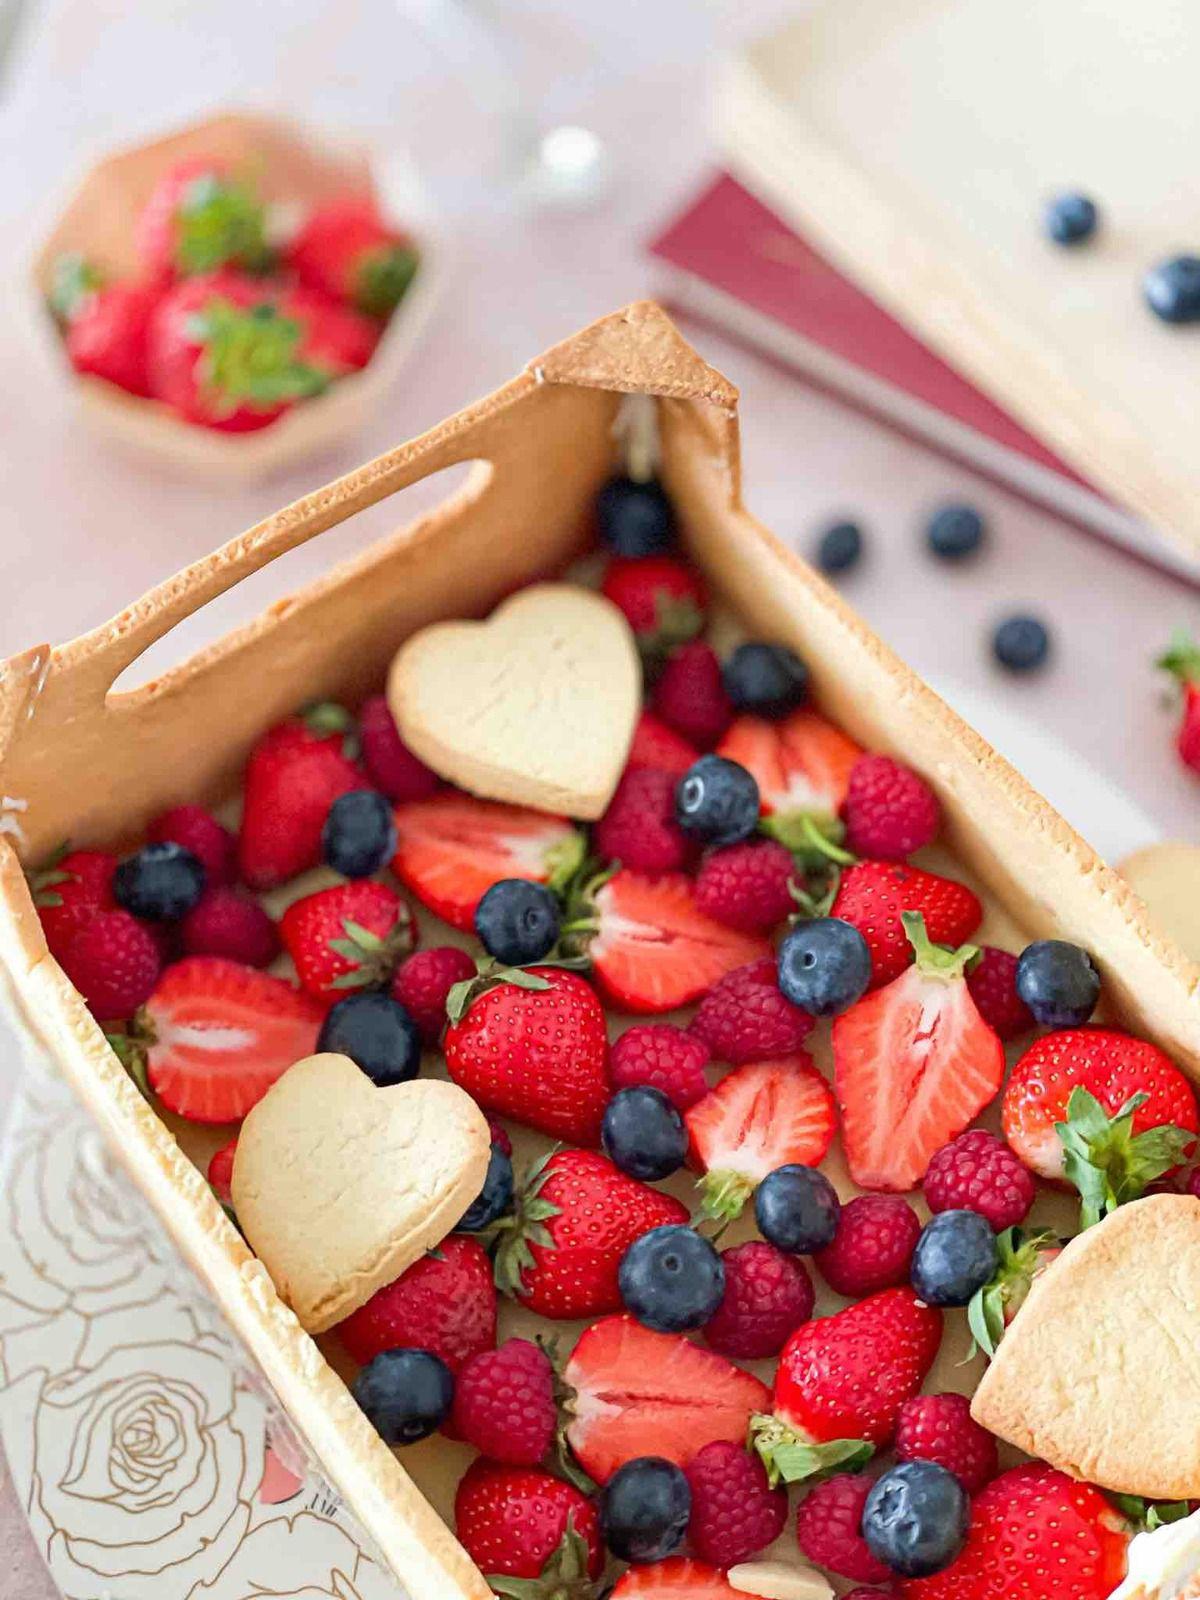 Tarte cagette aux fruits rouges